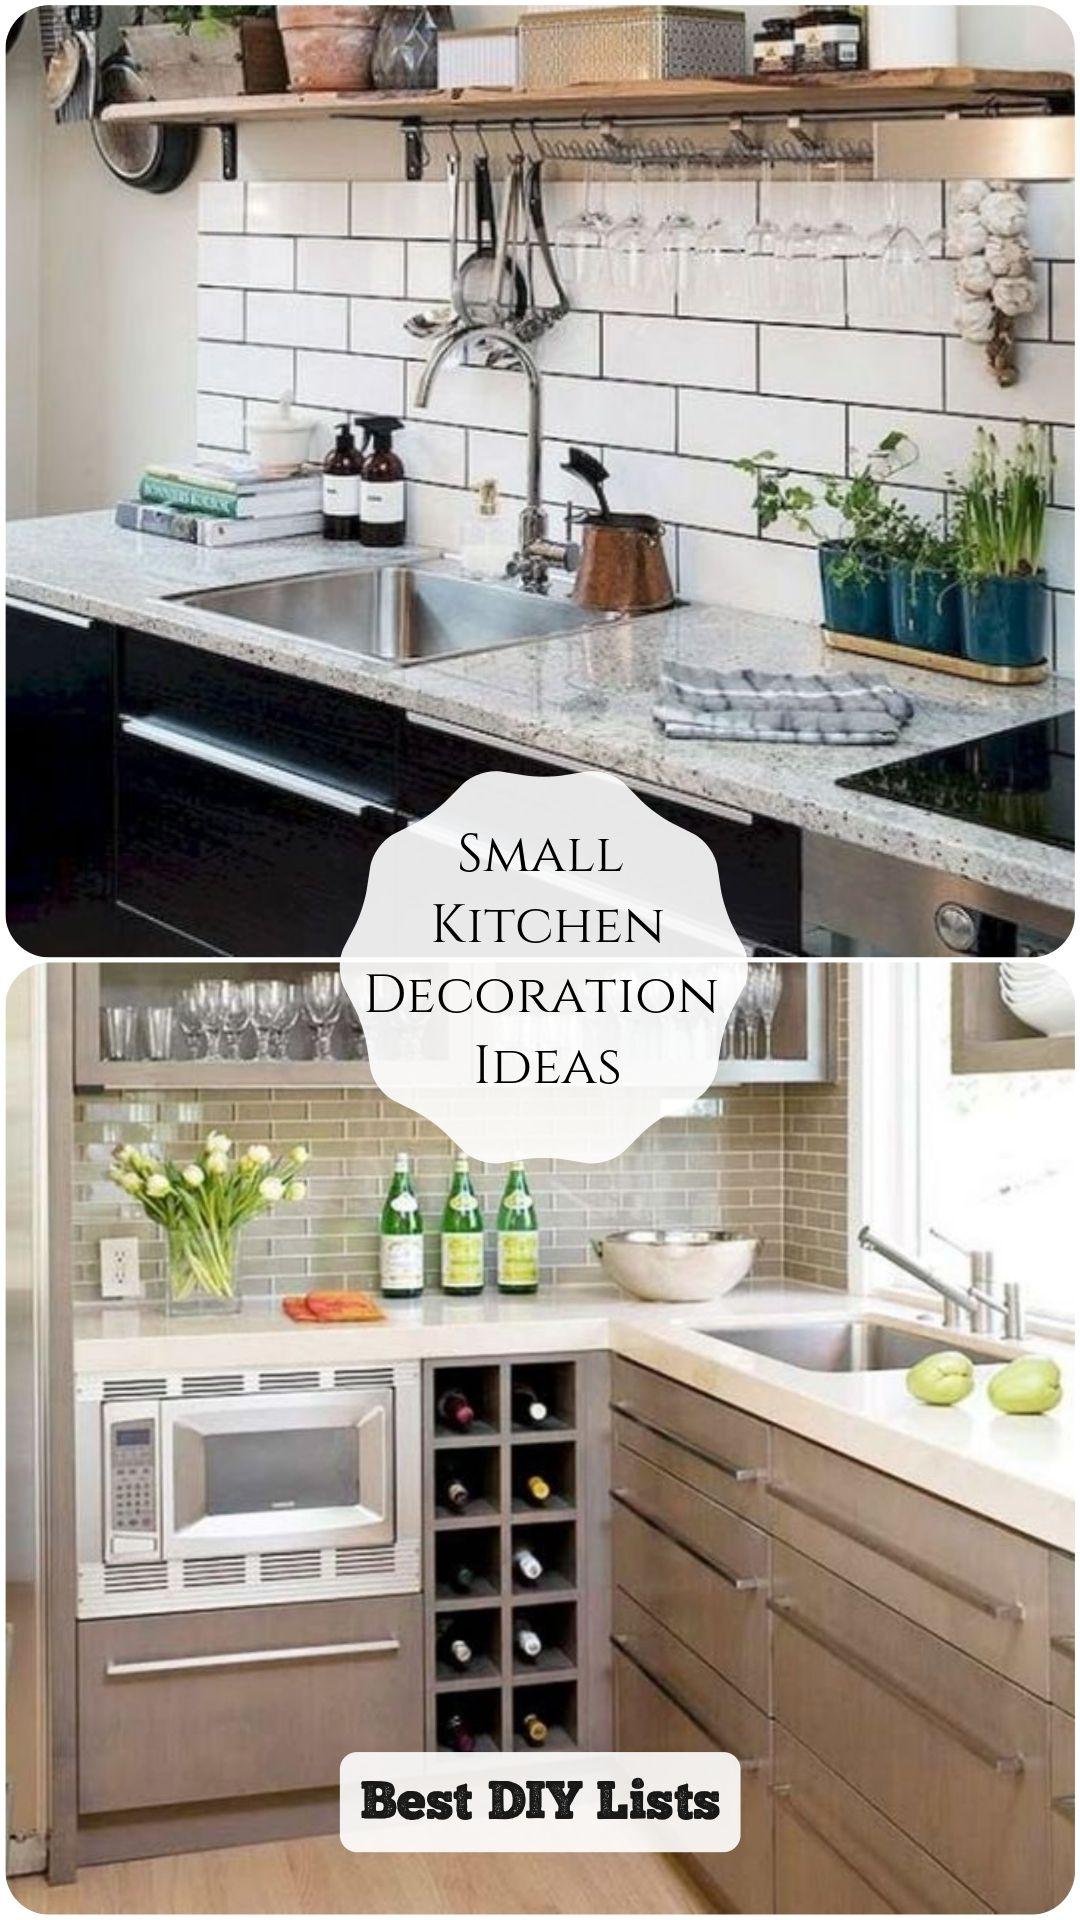 Small Kitchen Decoration Ideas in 9  Small kitchen decor